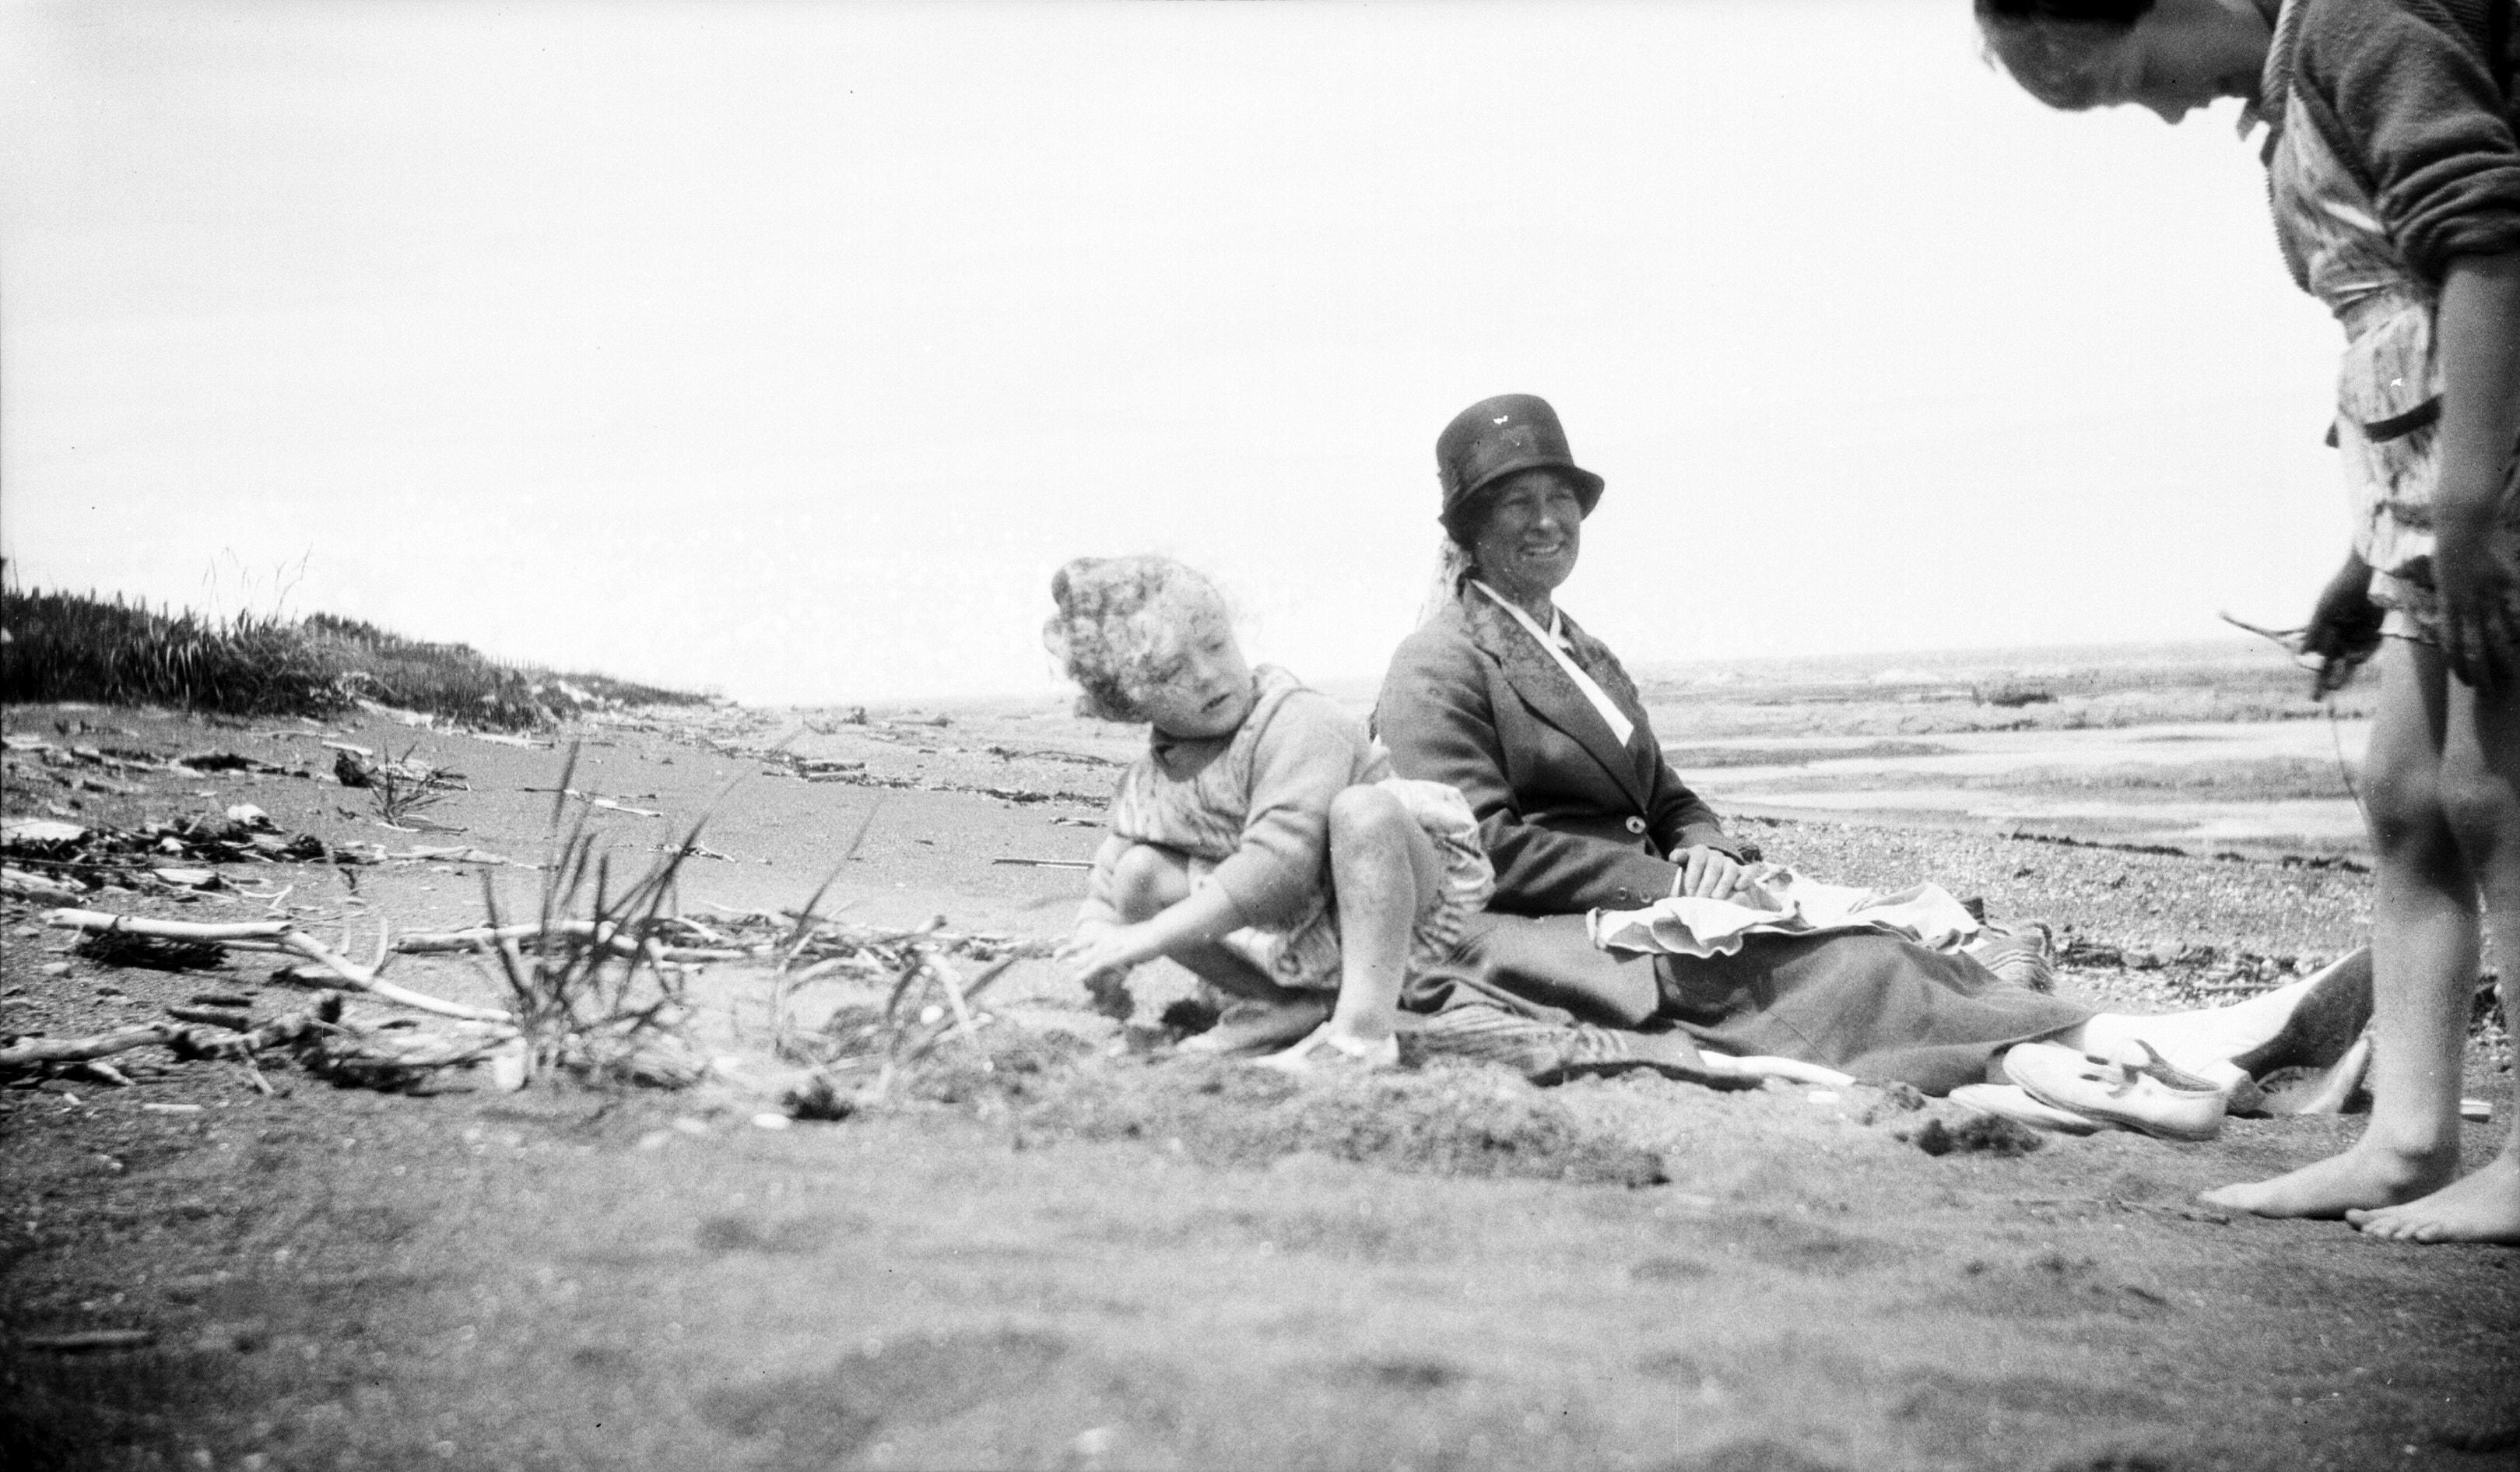 Deux enfants jouent sur la plage à marée basse, surveillés par une femme assise.